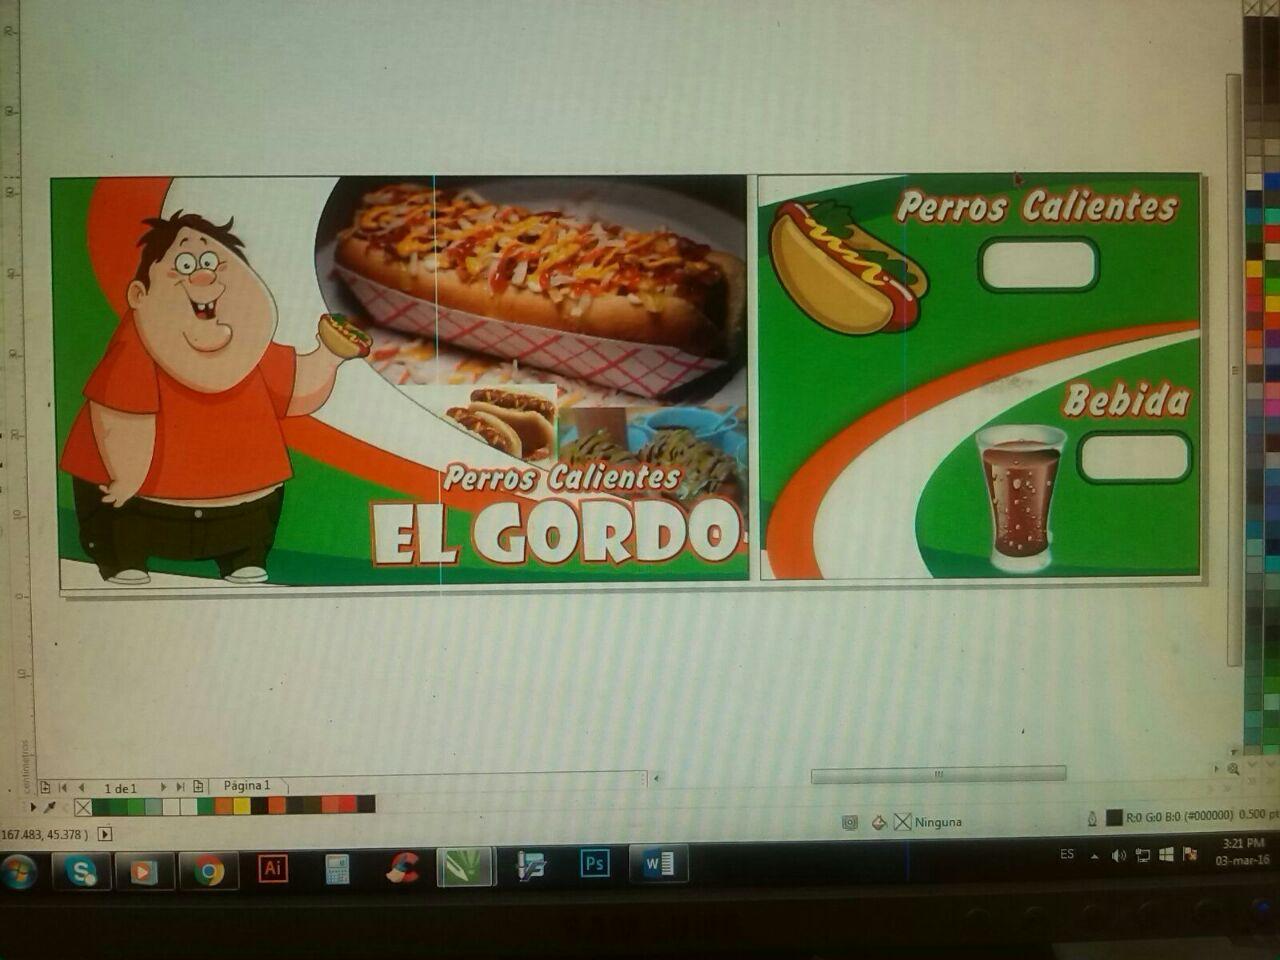 PERROS CALIENTES EL GORDO